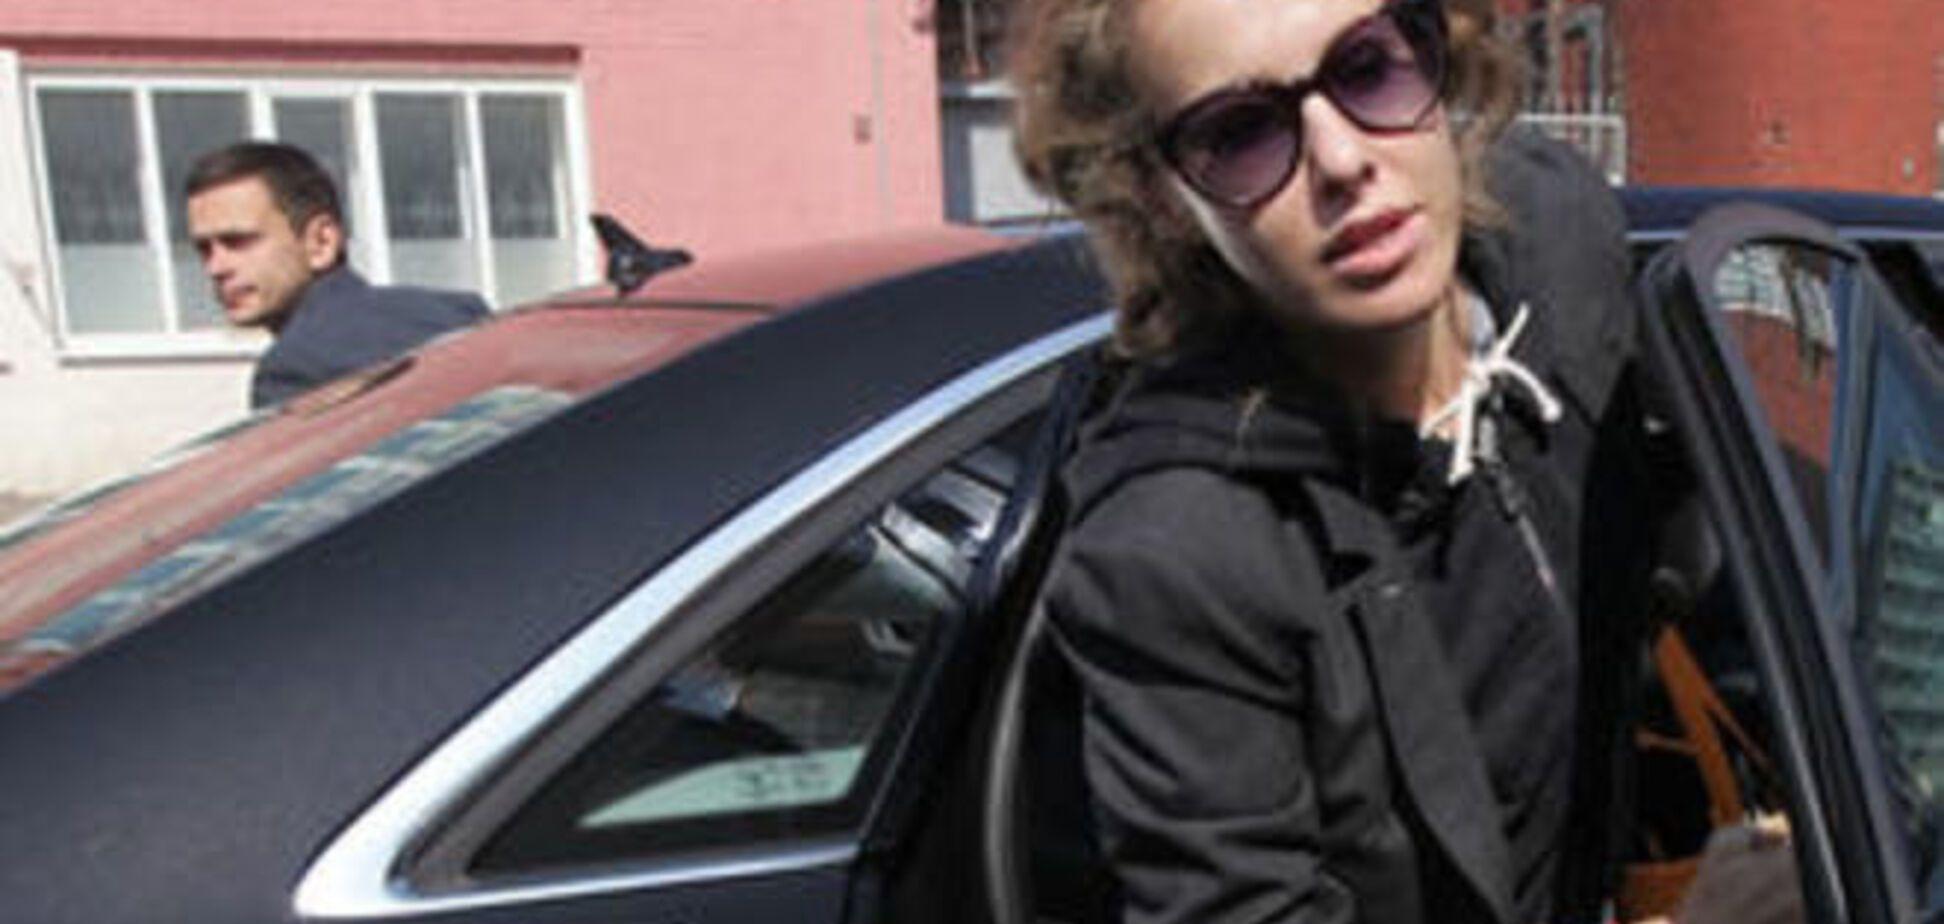 Собчак заявила, что российские СМИ немного преувеличили ее иммиграцию